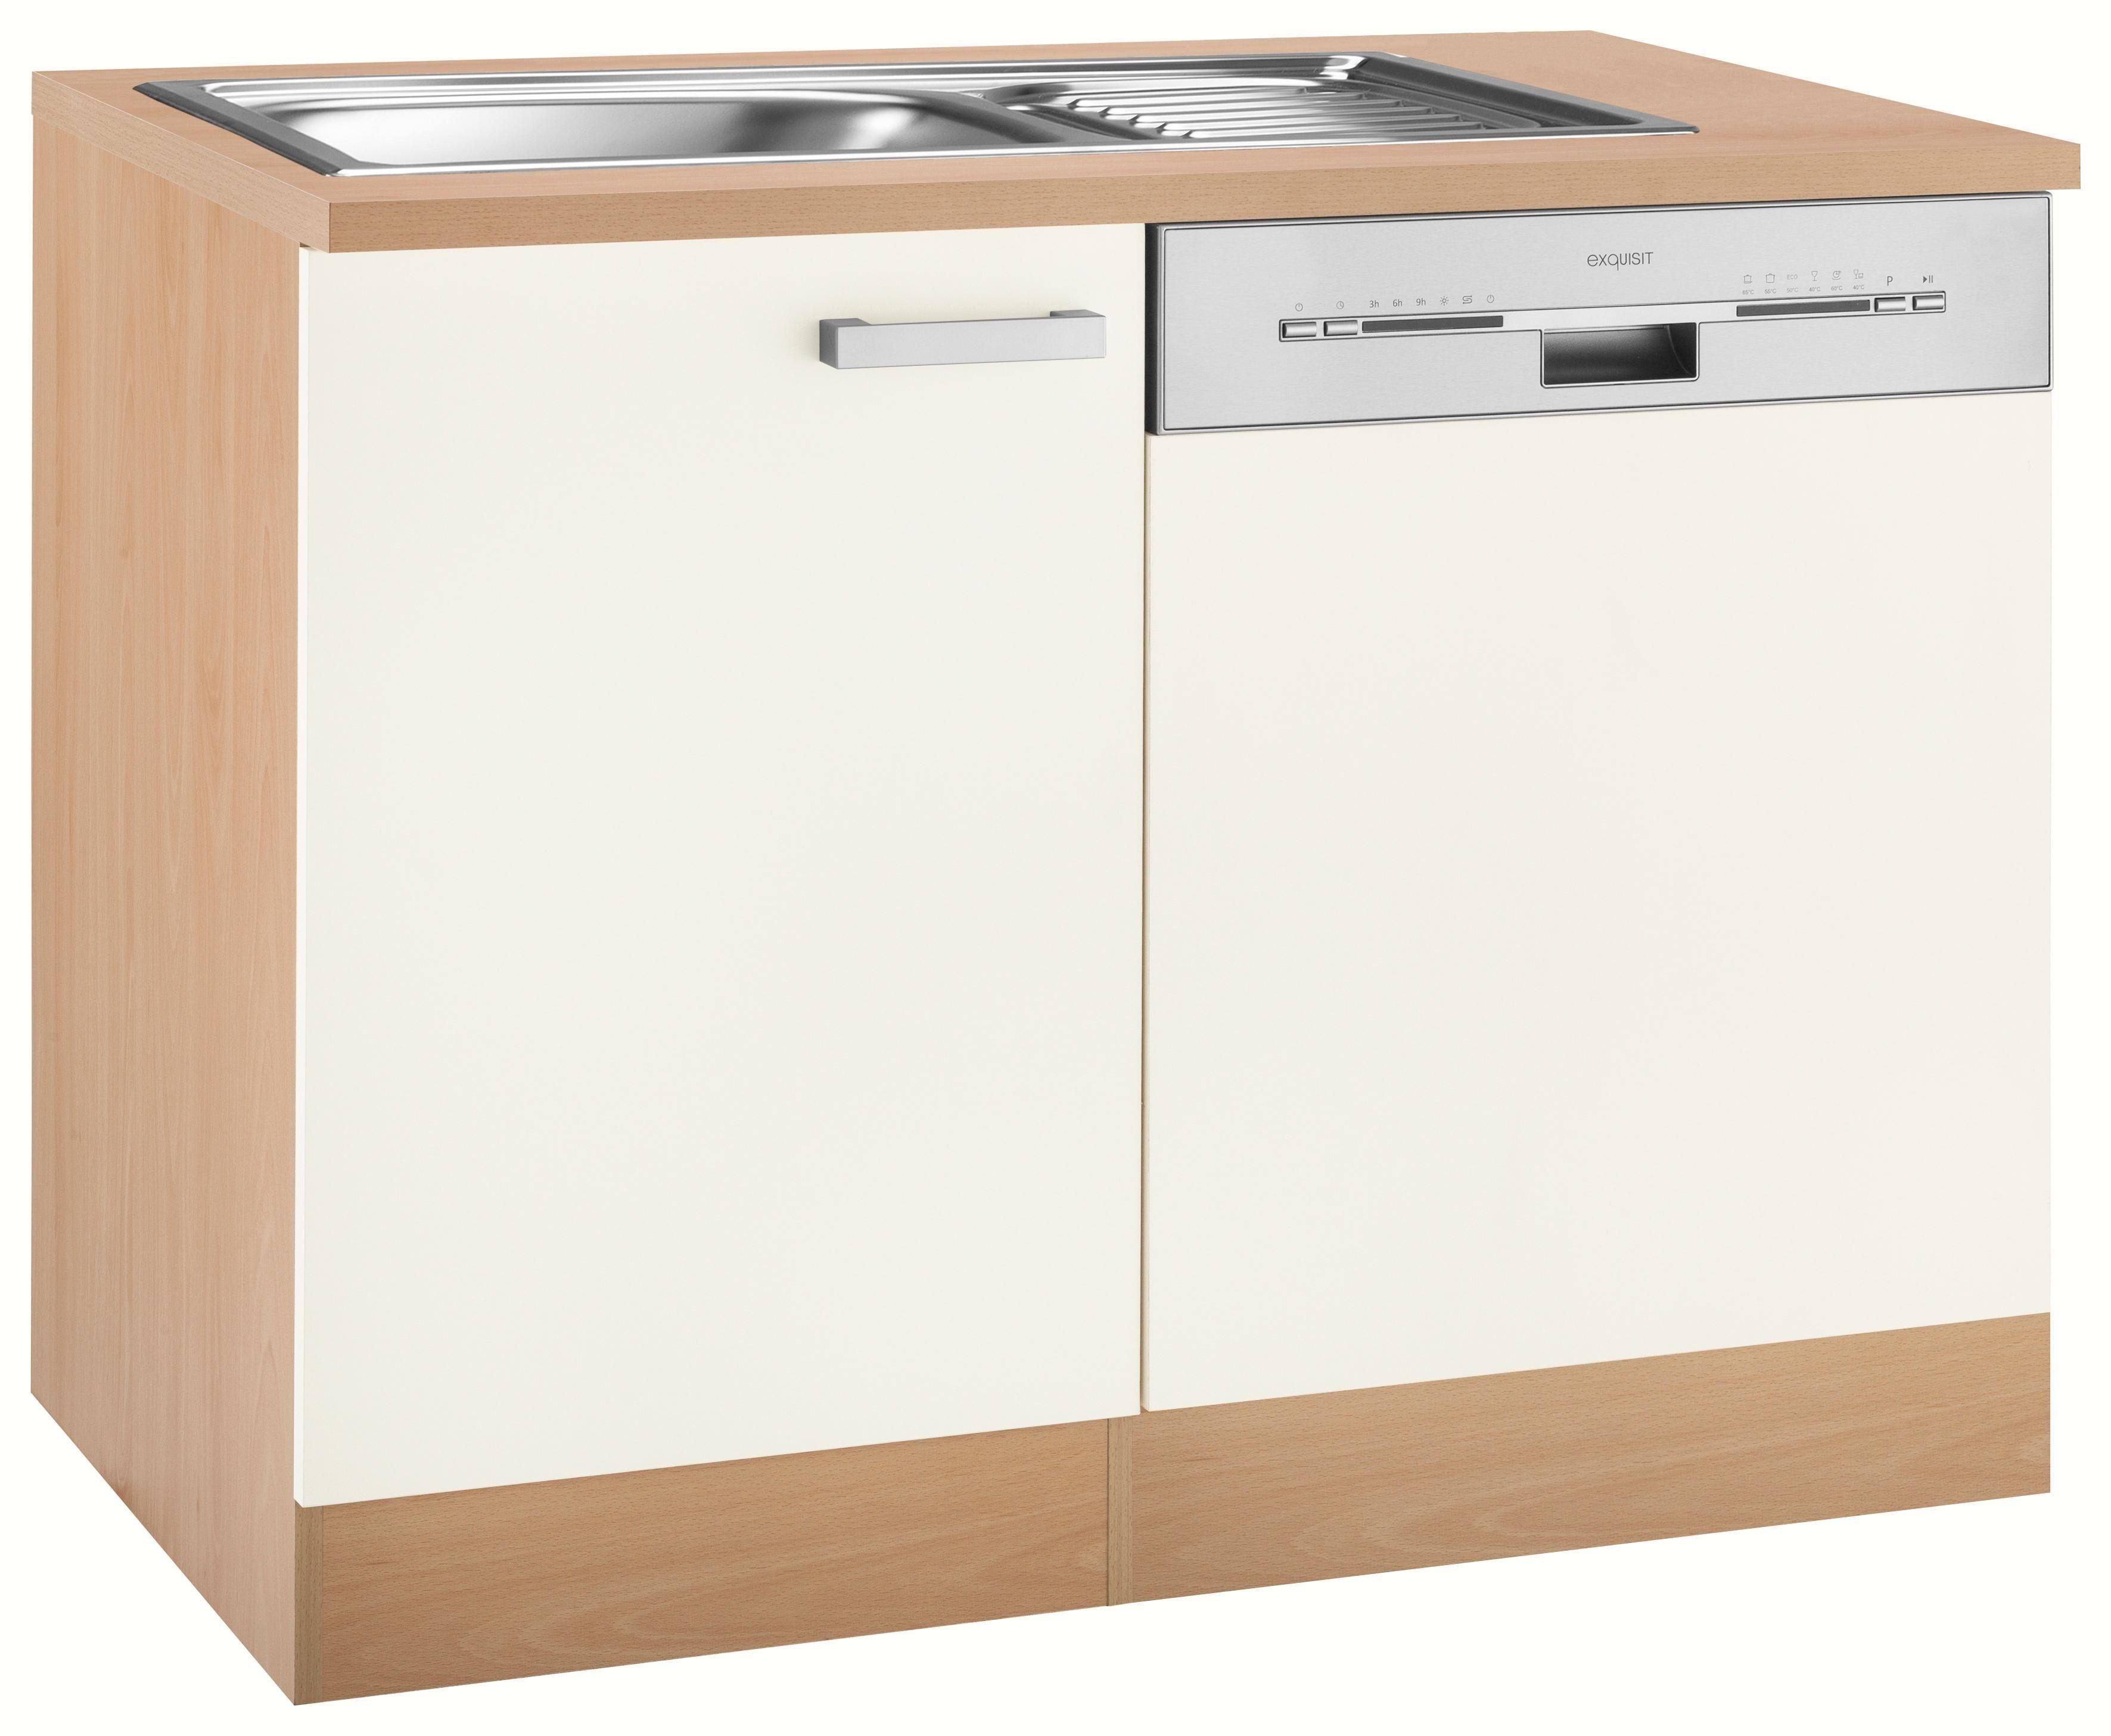 Spülenschrank »Odense«, OPTIFIT, mit Tür/Sockel für Geschirrspüler | Küche und Esszimmer > Küchenschränke > Spülenschränke | Rot | Nachbildung - Edelstahl - Melamin | OPTIFIT